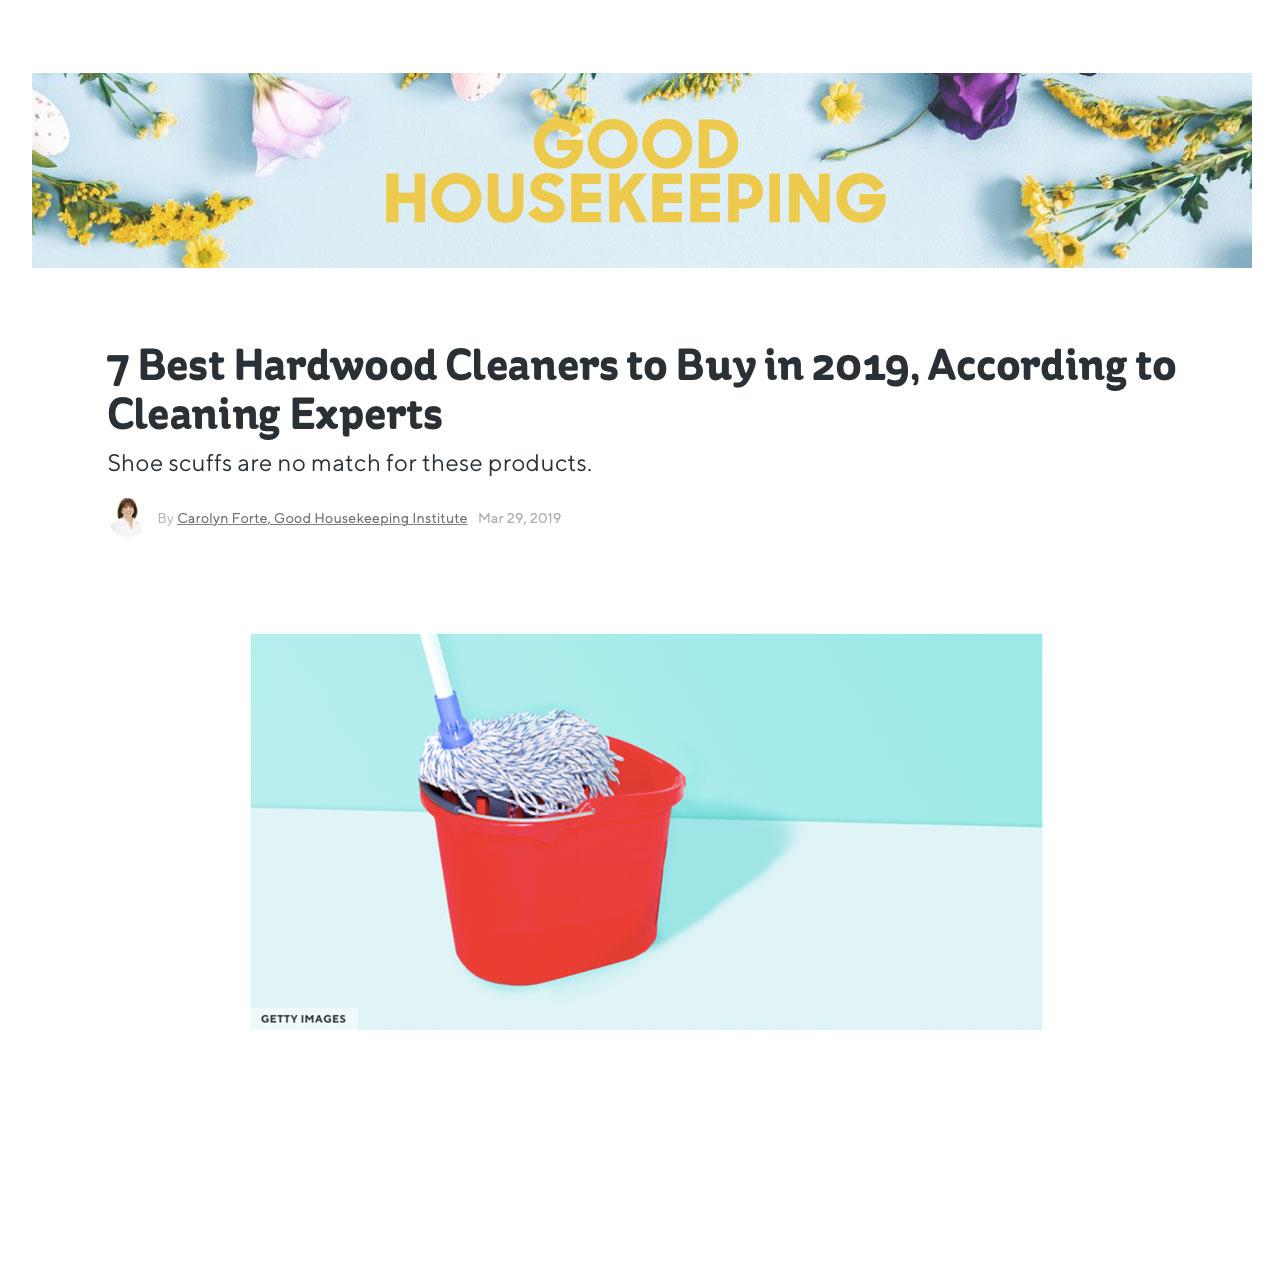 Best-hardwood-cleaners-Bona-Good-Housekeeping-Allergy-Standards